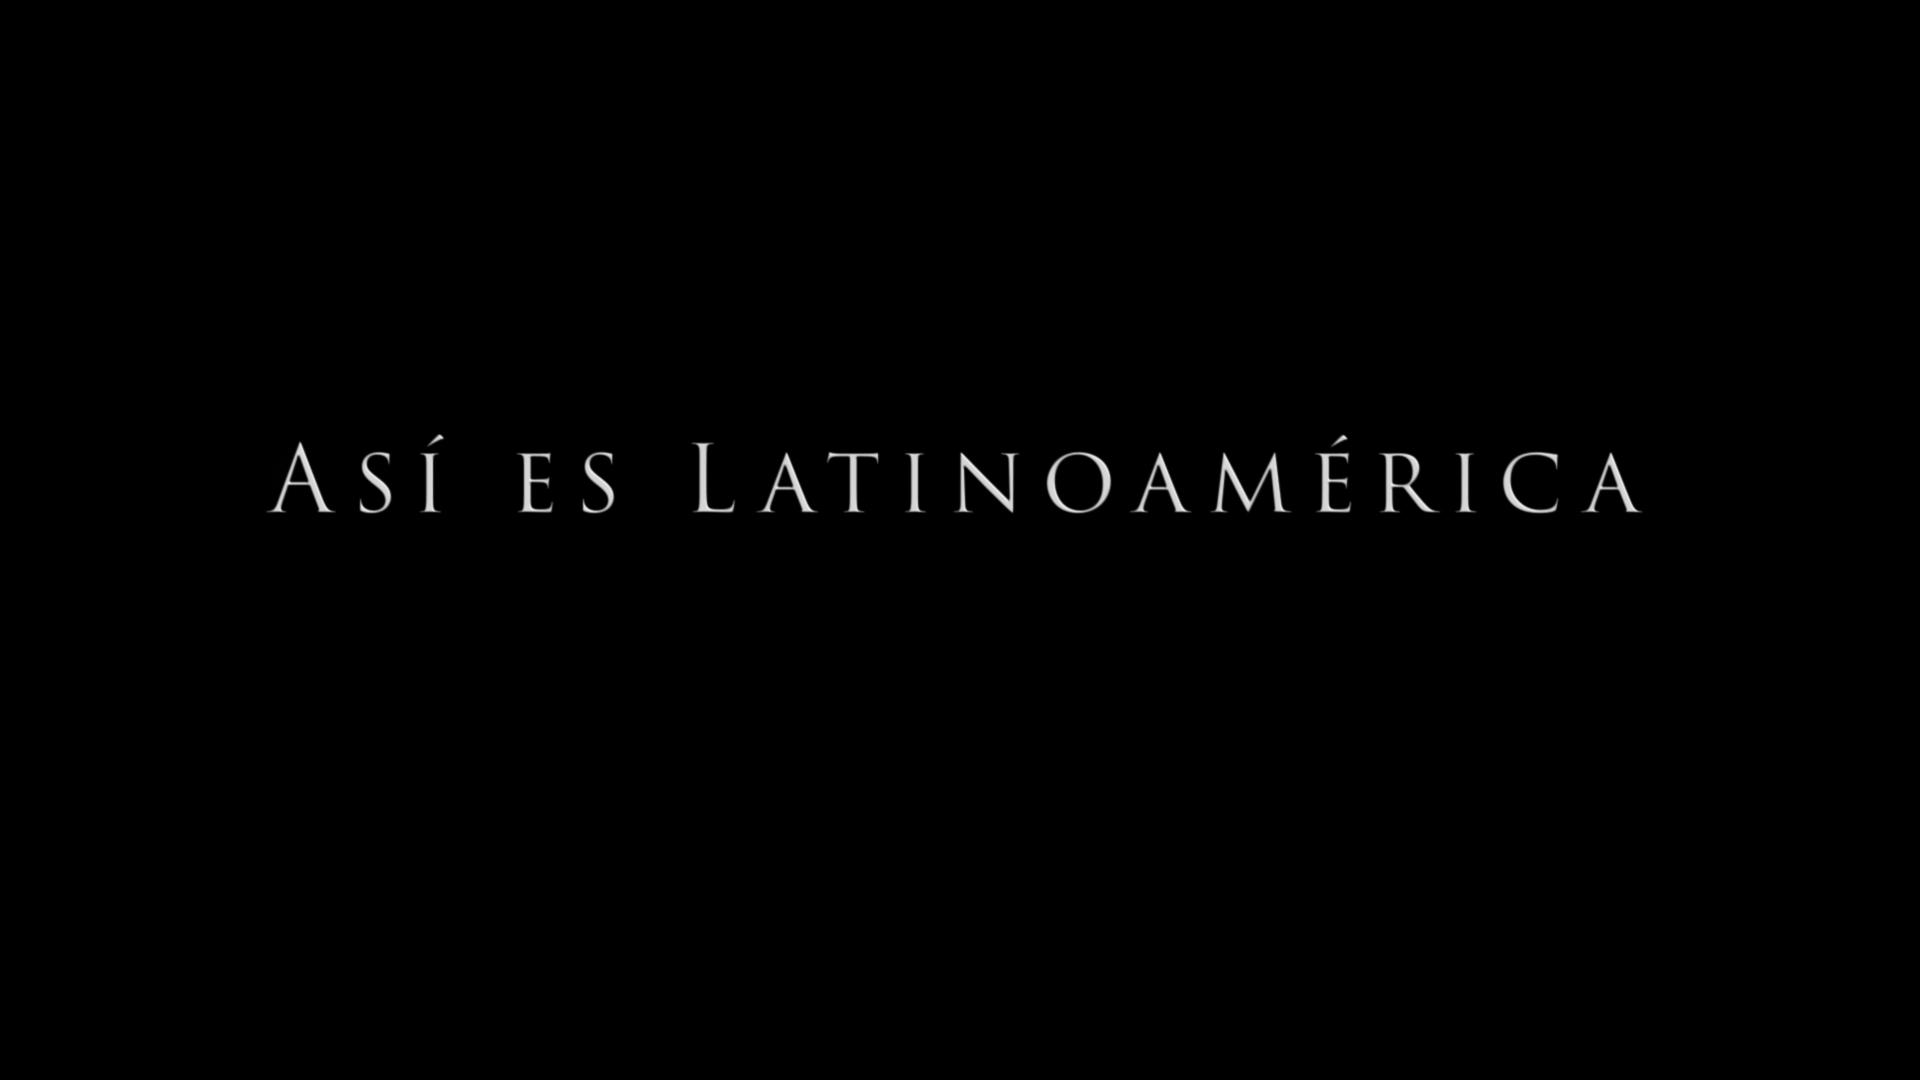 Introducing Así es Latinoamérica